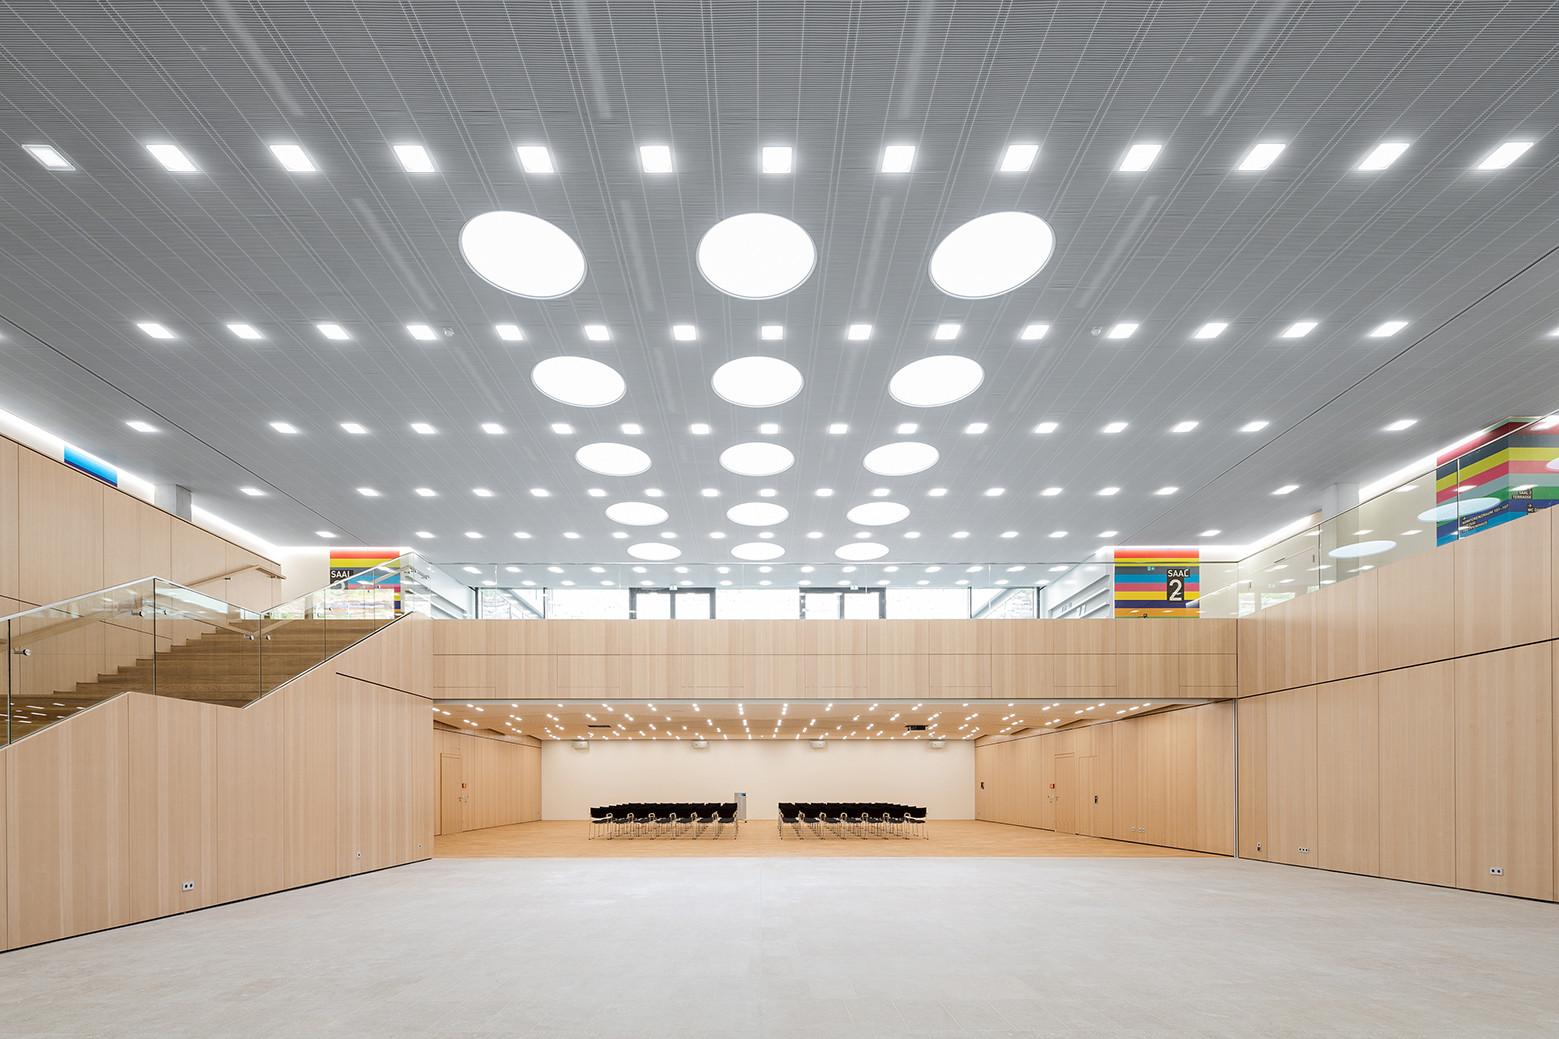 Cámara de Industria y Comercio / Wulf Architekten, © Brigida González